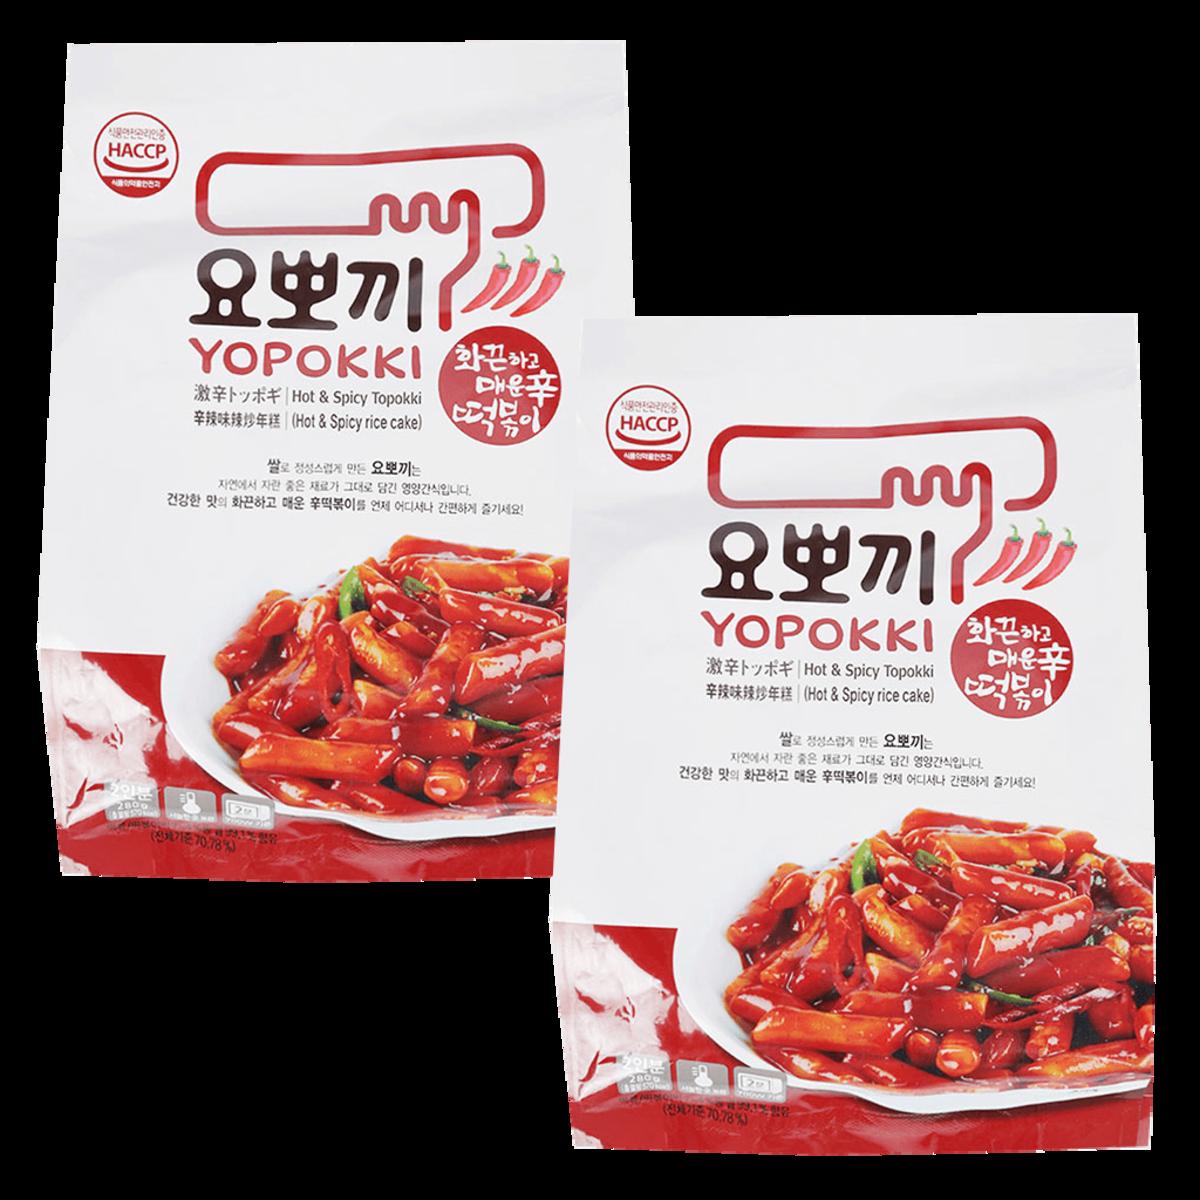 韓國Yopokki 激辛!辣炒年糕(料理包) 240g x 2